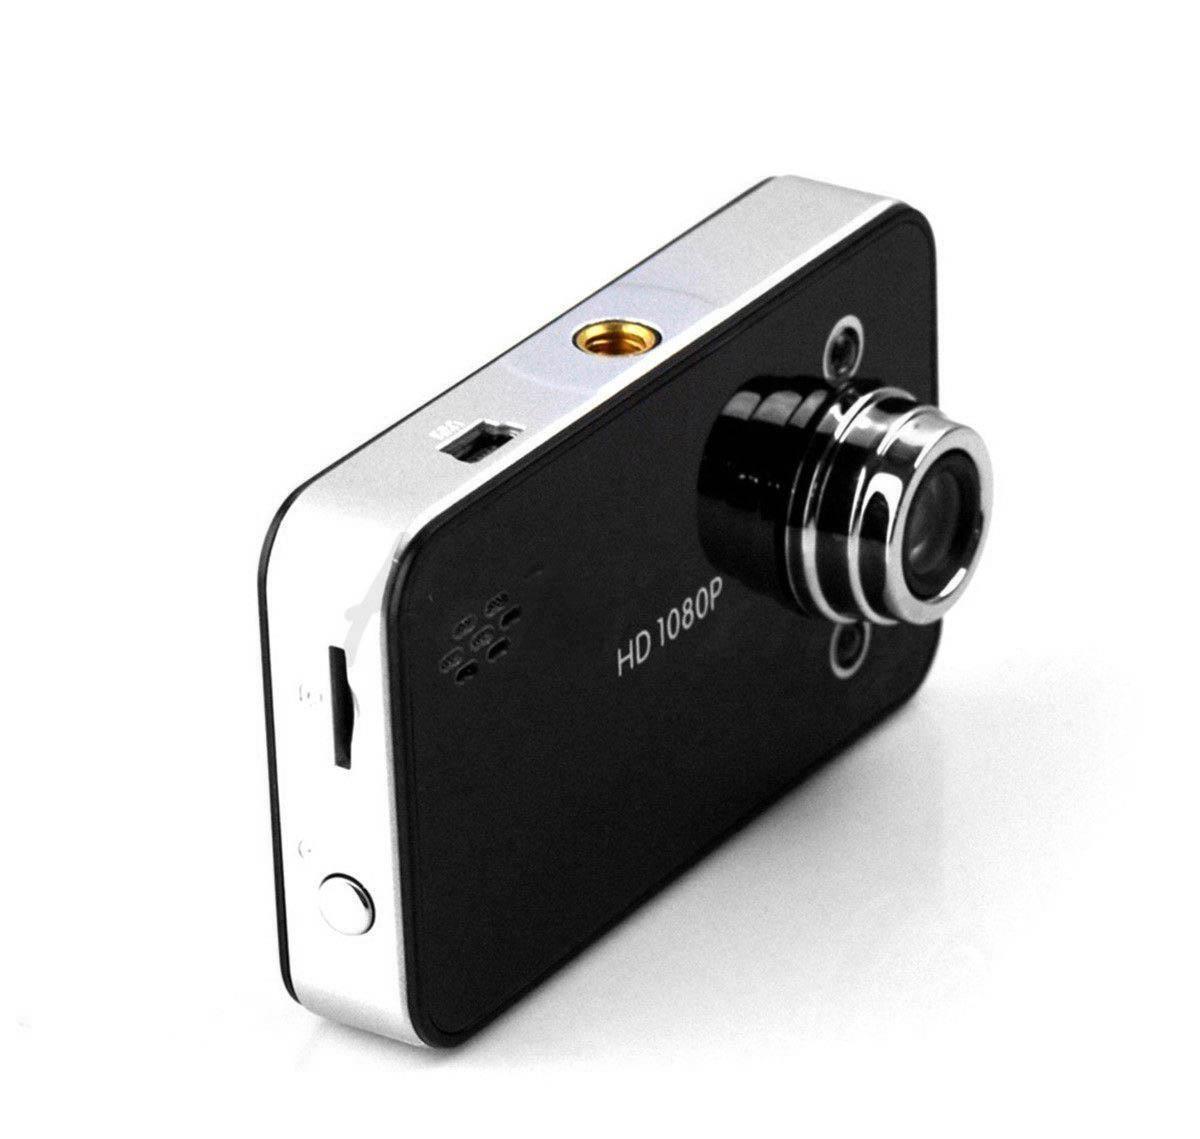 2.4 Caméra Full HD 1080P voiture DVR enregistreur vidéo Dash cam caméscope Livraison gratuite véhicule www.avalonkef.com 3.jpg